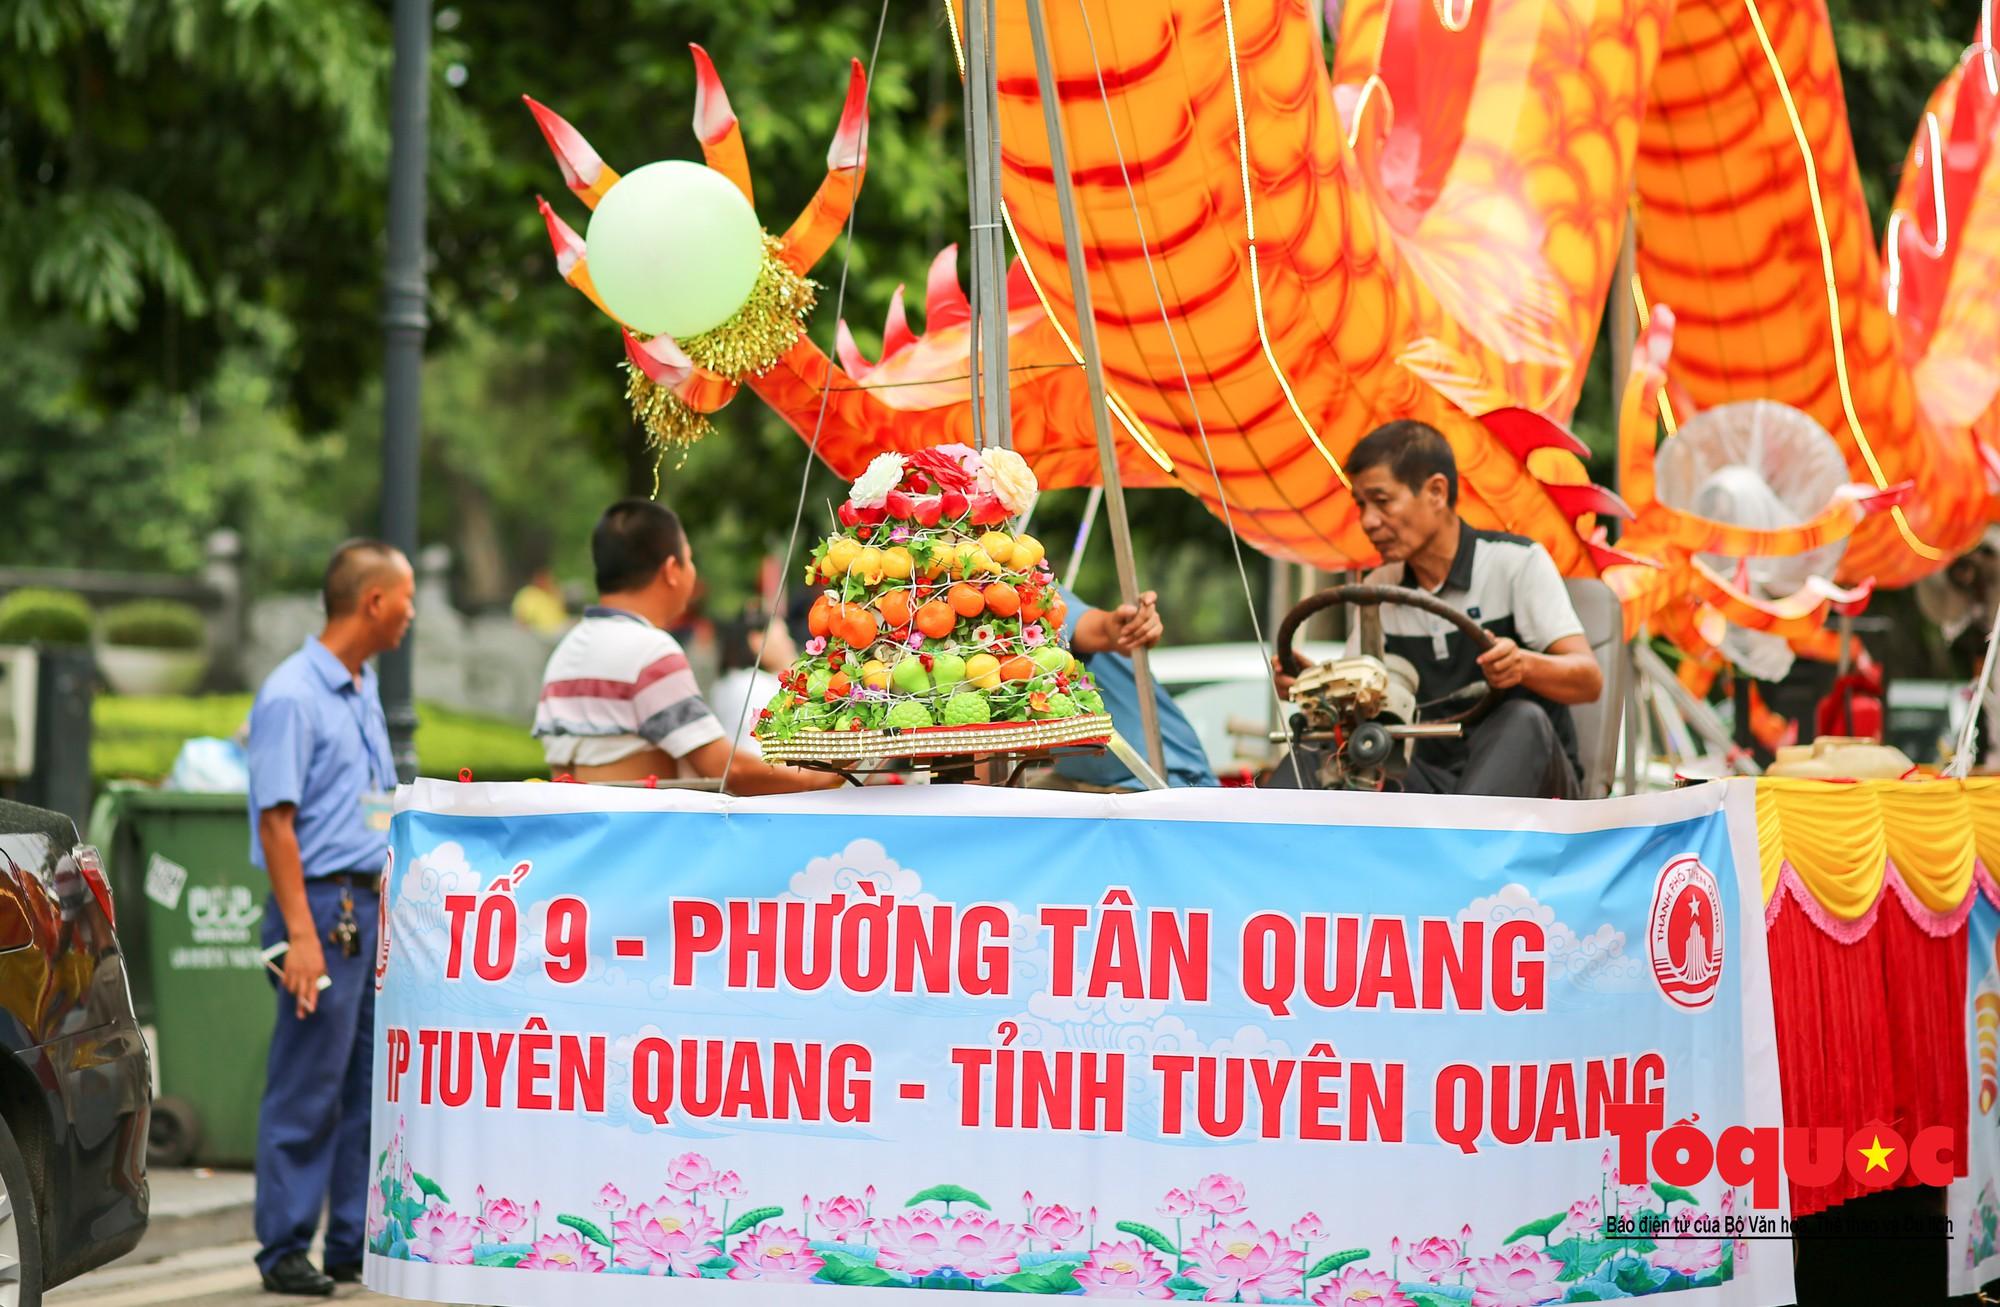 Người dân thủ đô thích thú ngắm 2 xe đèn trung thu siêu to xuất hiện trên đường phố Hà Nội8